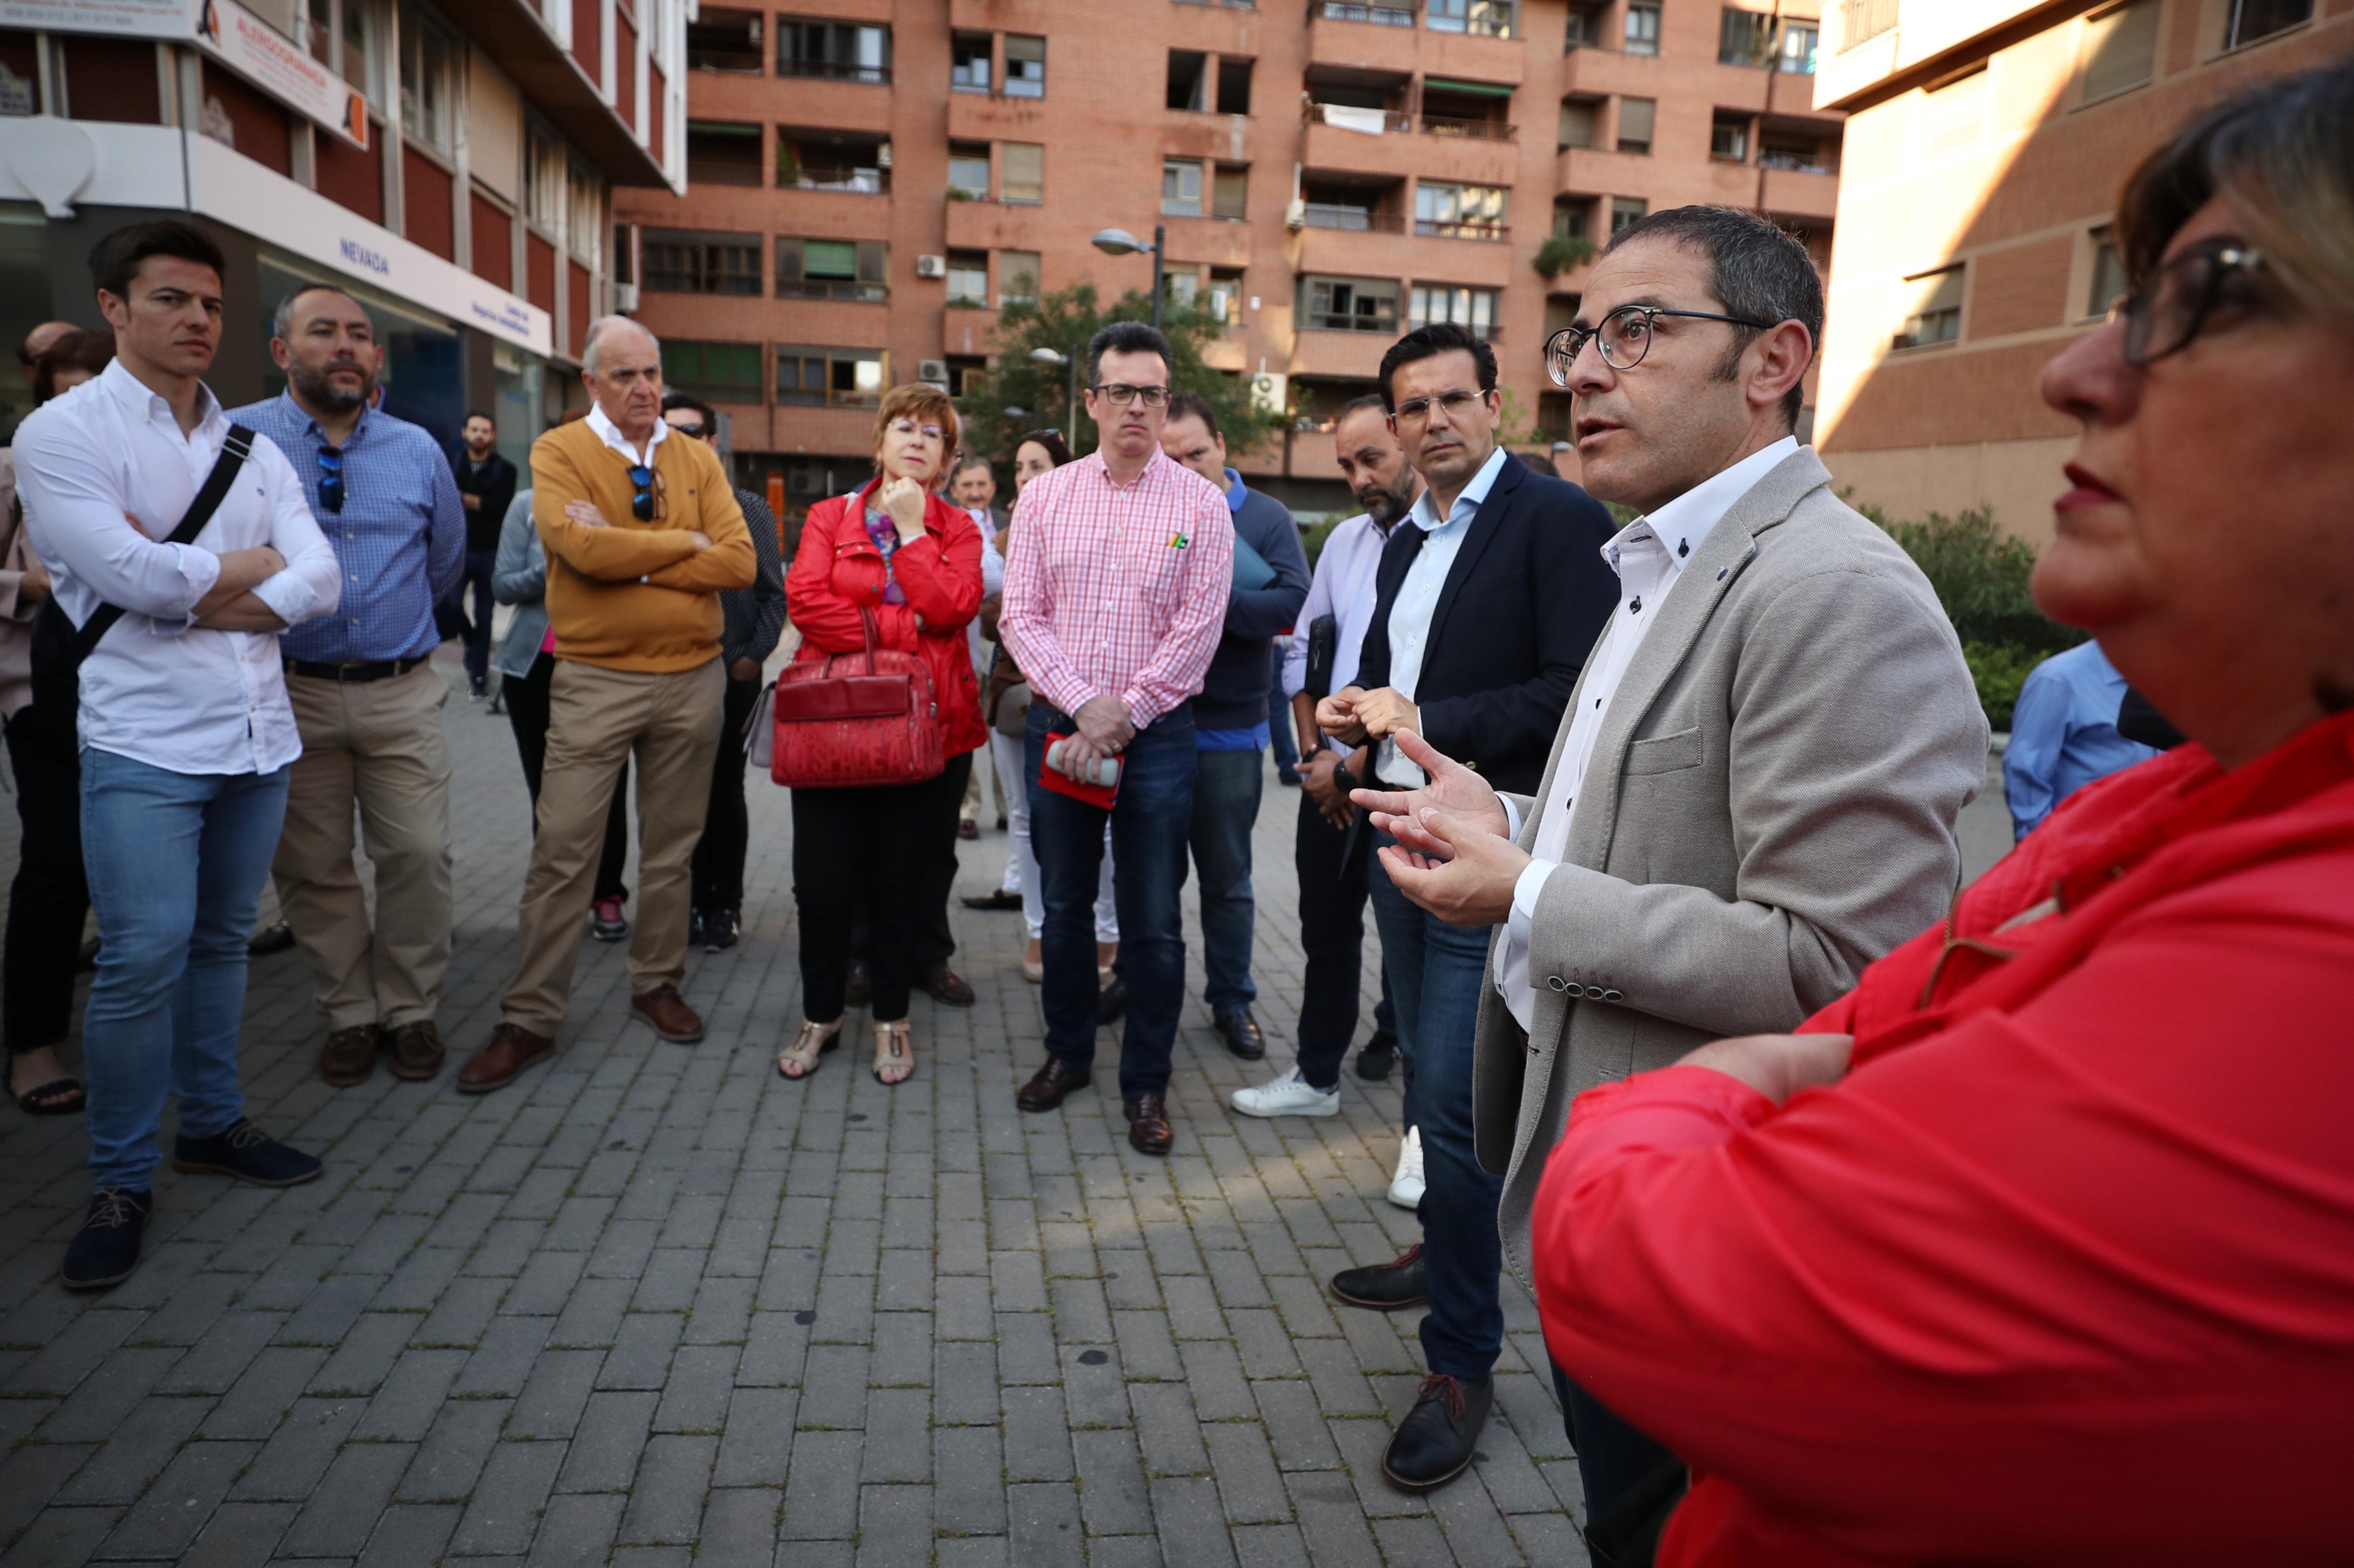 El Ayuntamiento anuncia que dará uso deportivo a un solar de la Curia ubicado en San Lázaro